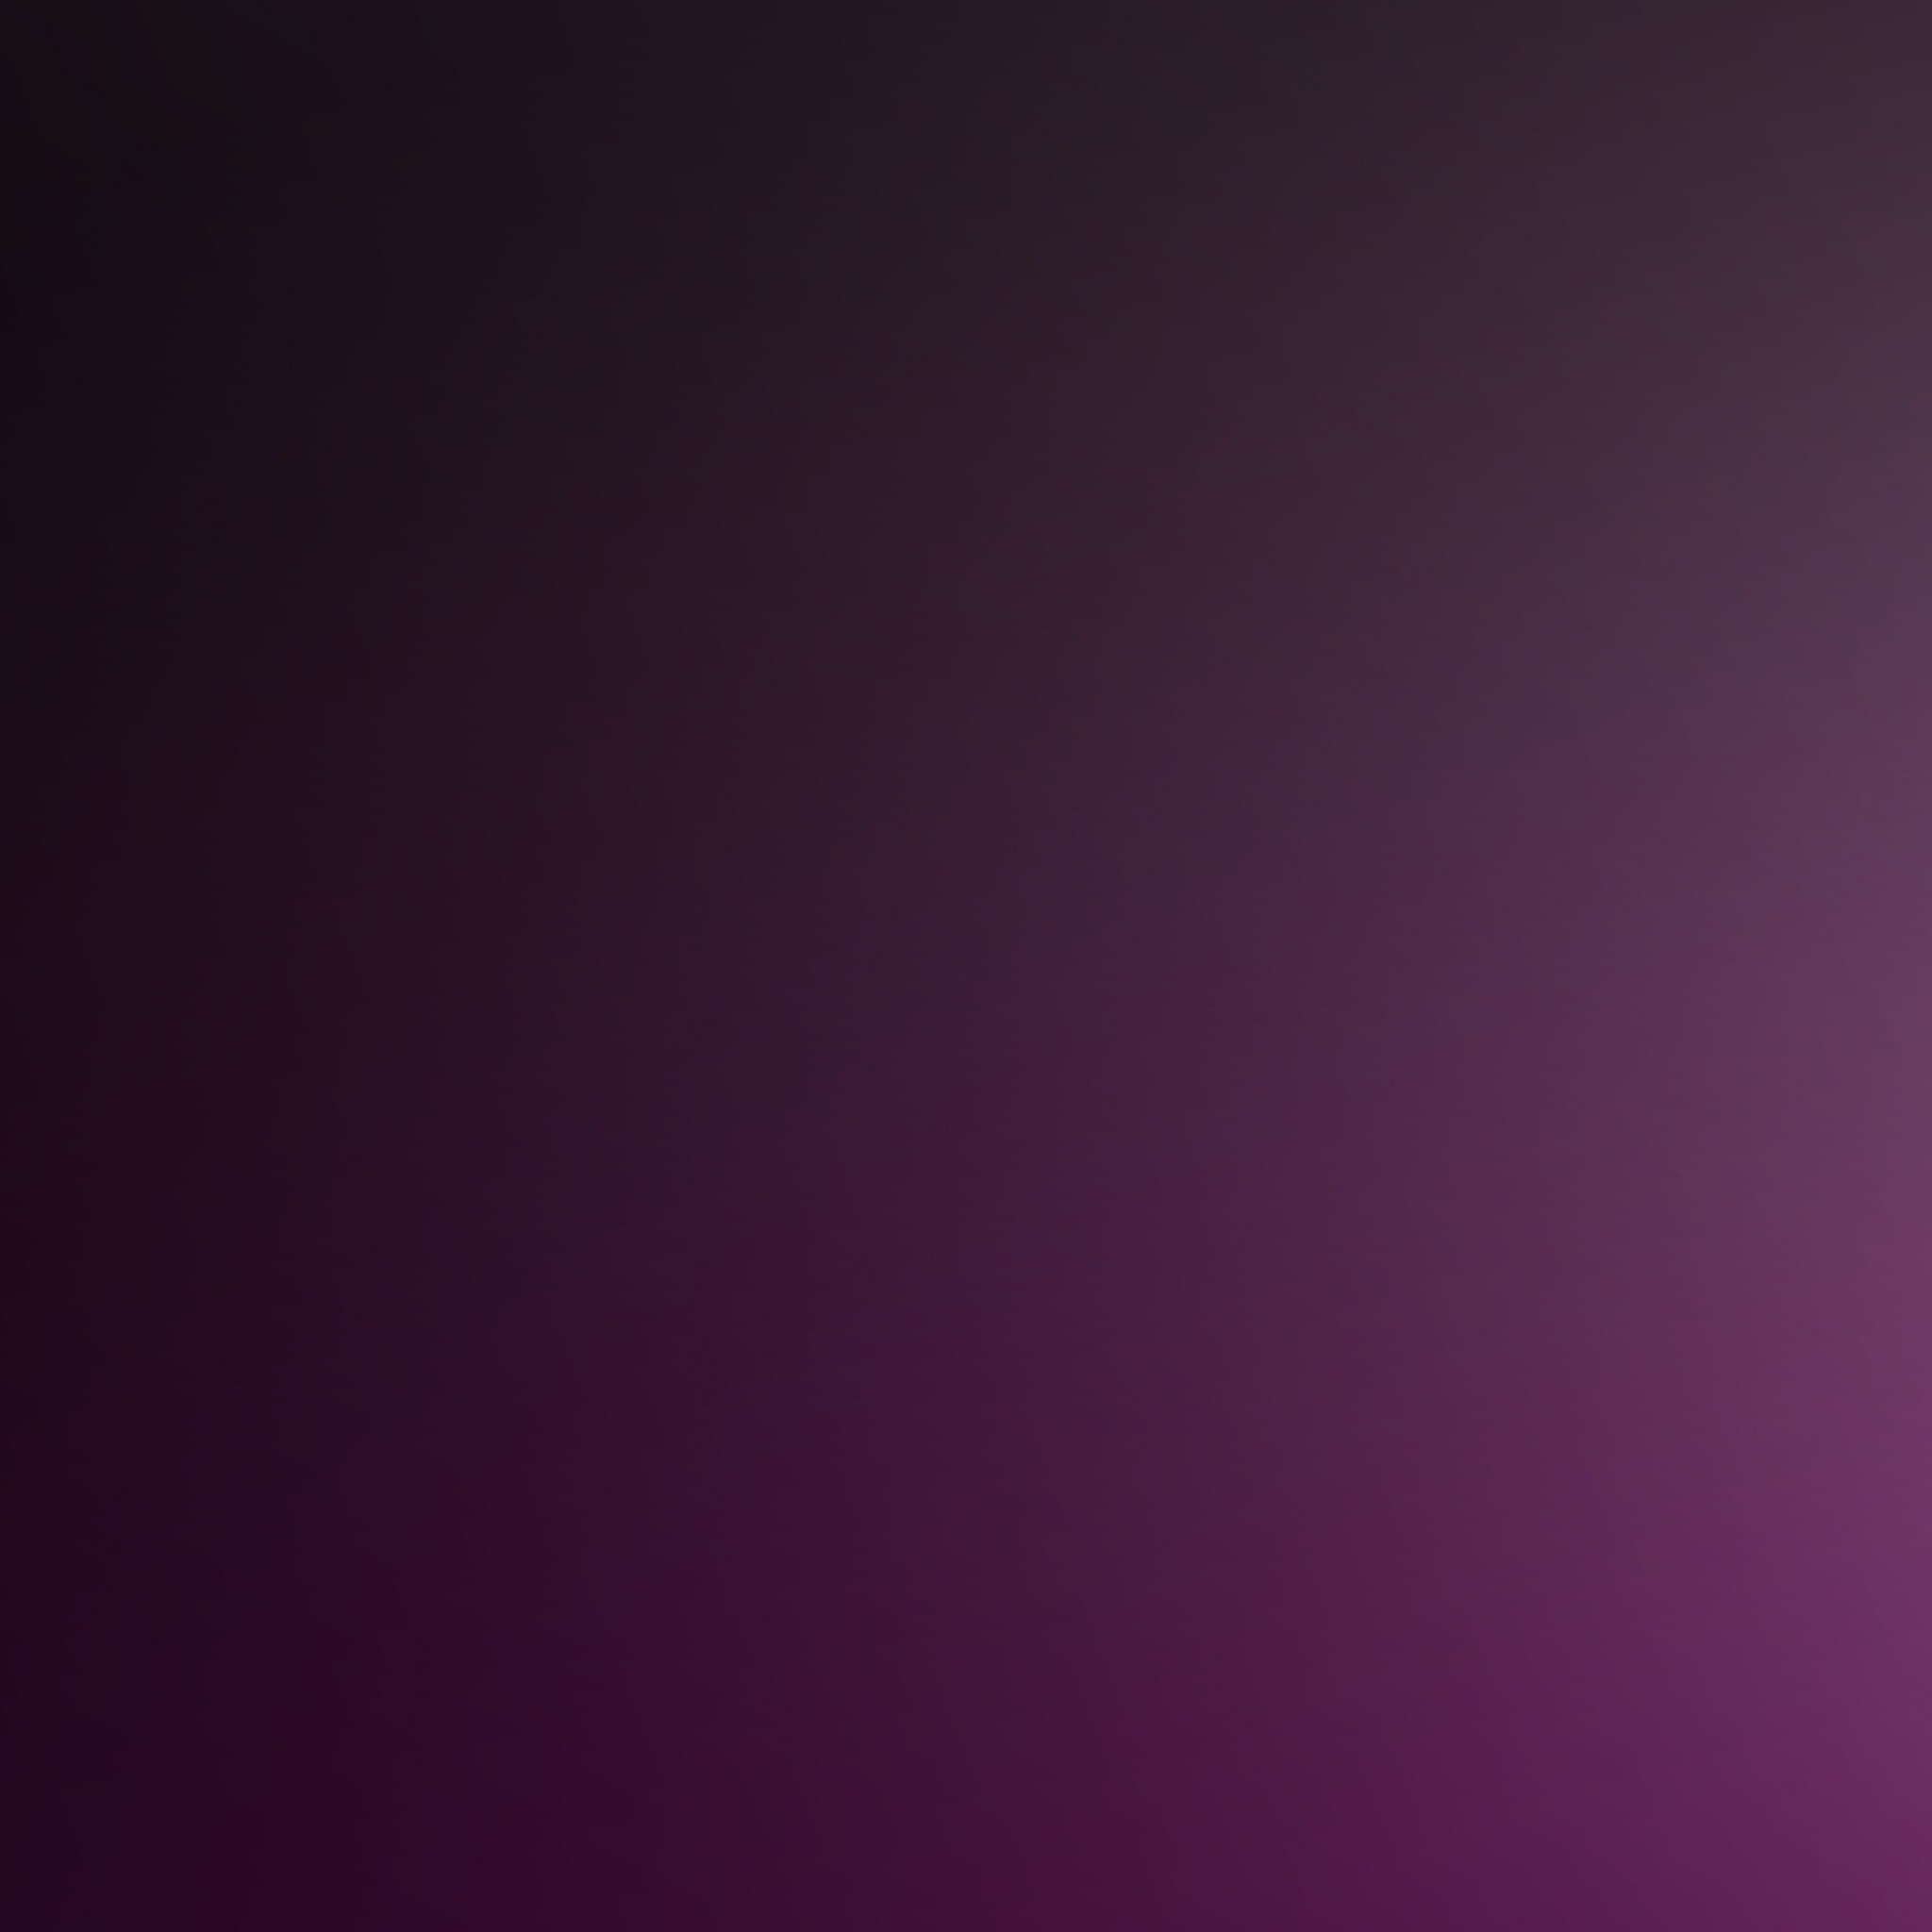 Preview wallpaper purple, dark, shadow, color 2048×2048